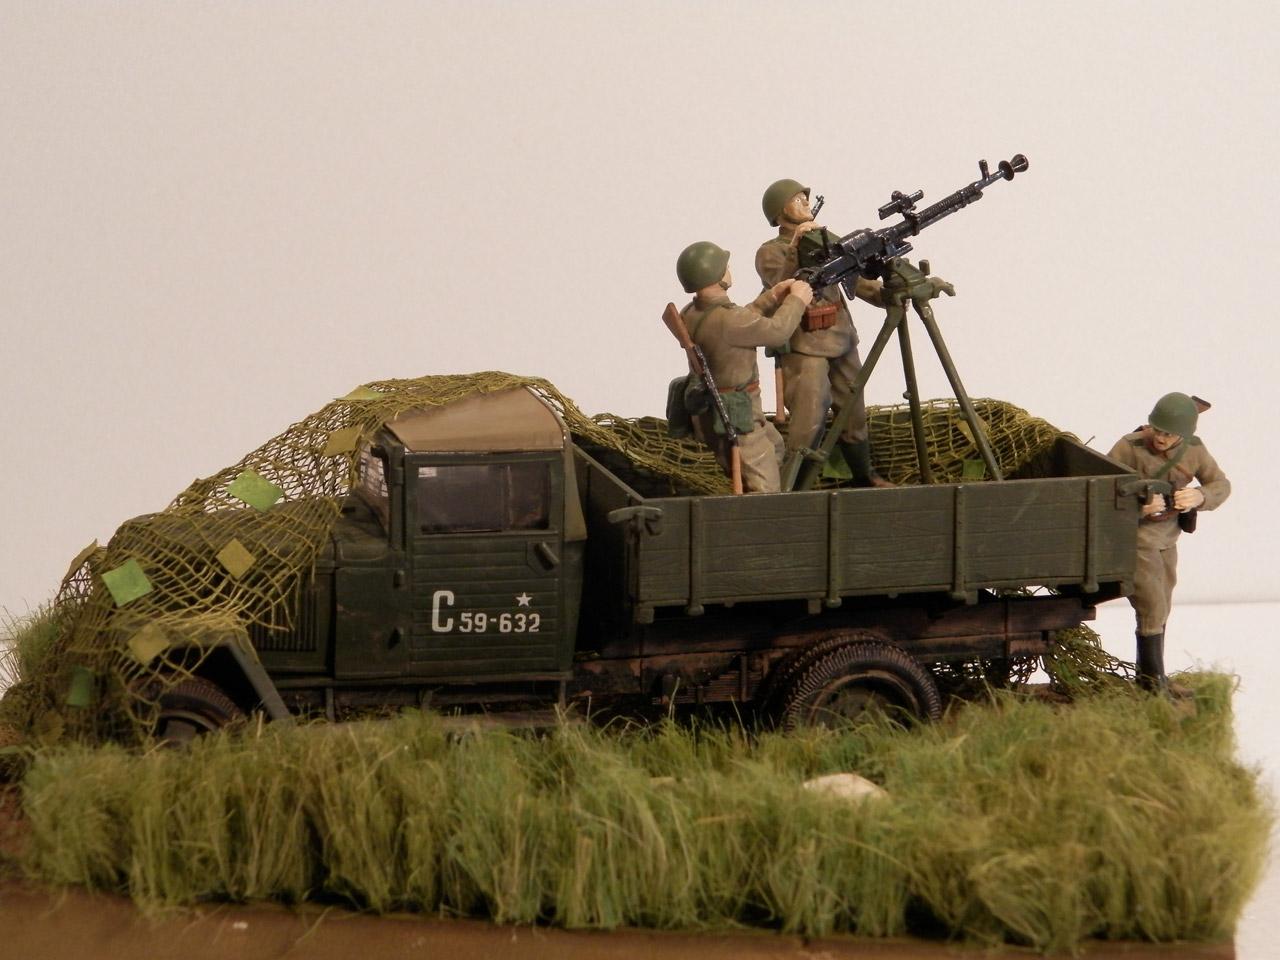 Training Grounds: Enemy plane!, photo #1